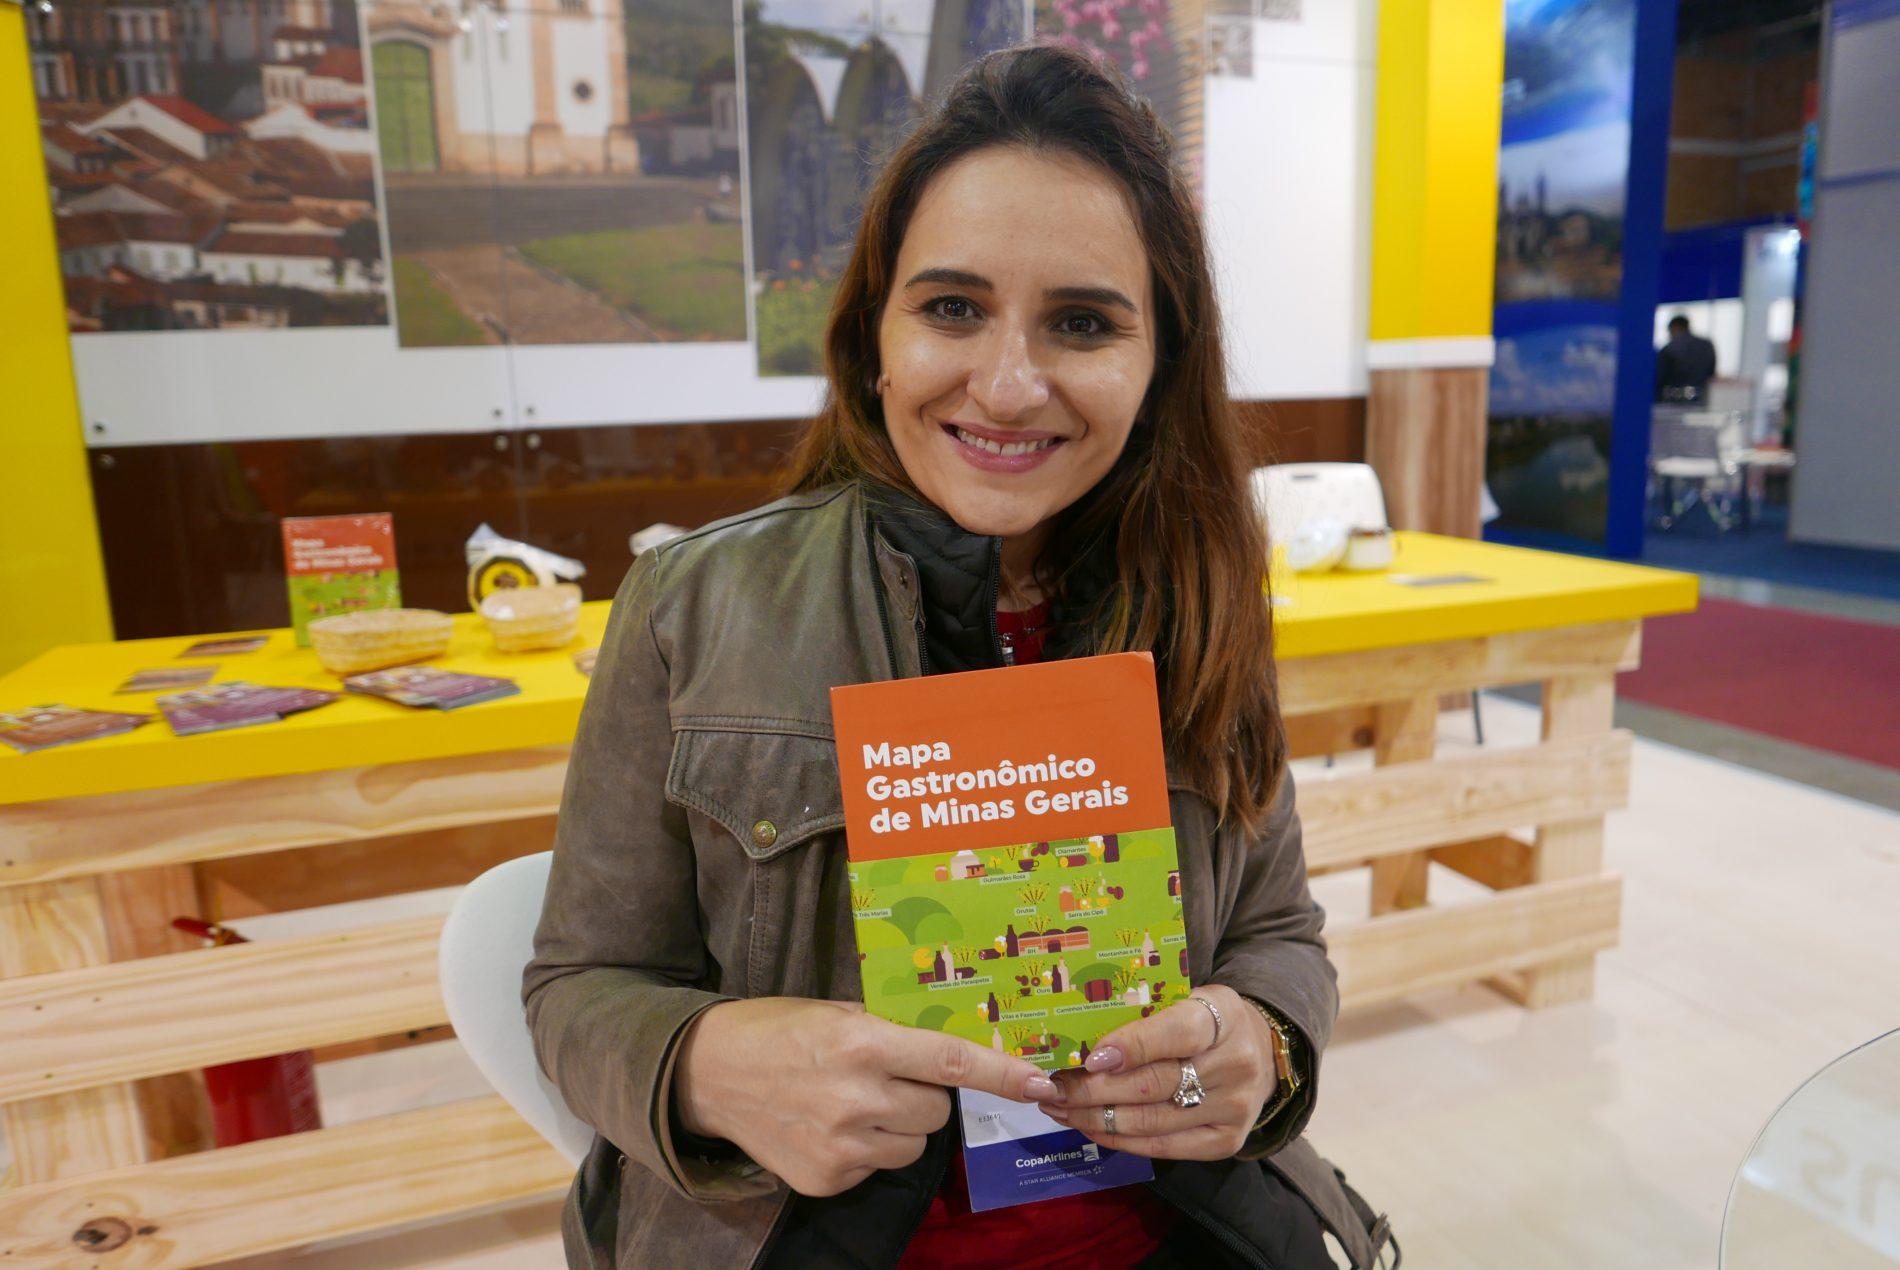 Nathalia Laranjo, da secretaria de Turismo de Minas Gerais e a publicação que foi destaque no Festuris: o Mapa Gastronômico de Minas Gerais